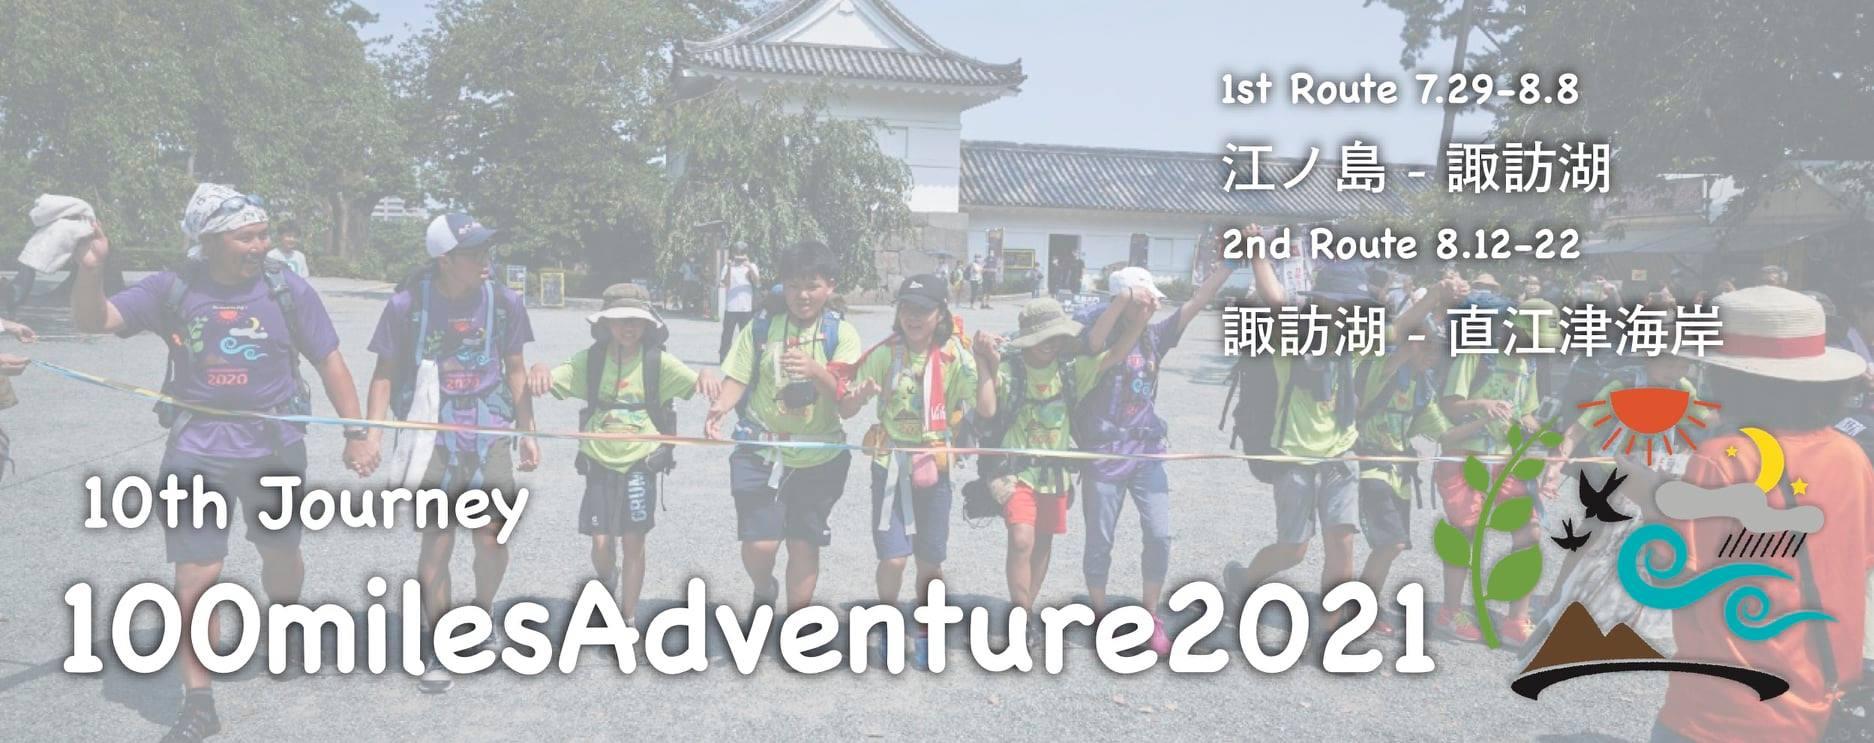 100milesAdventure2021開催日発表